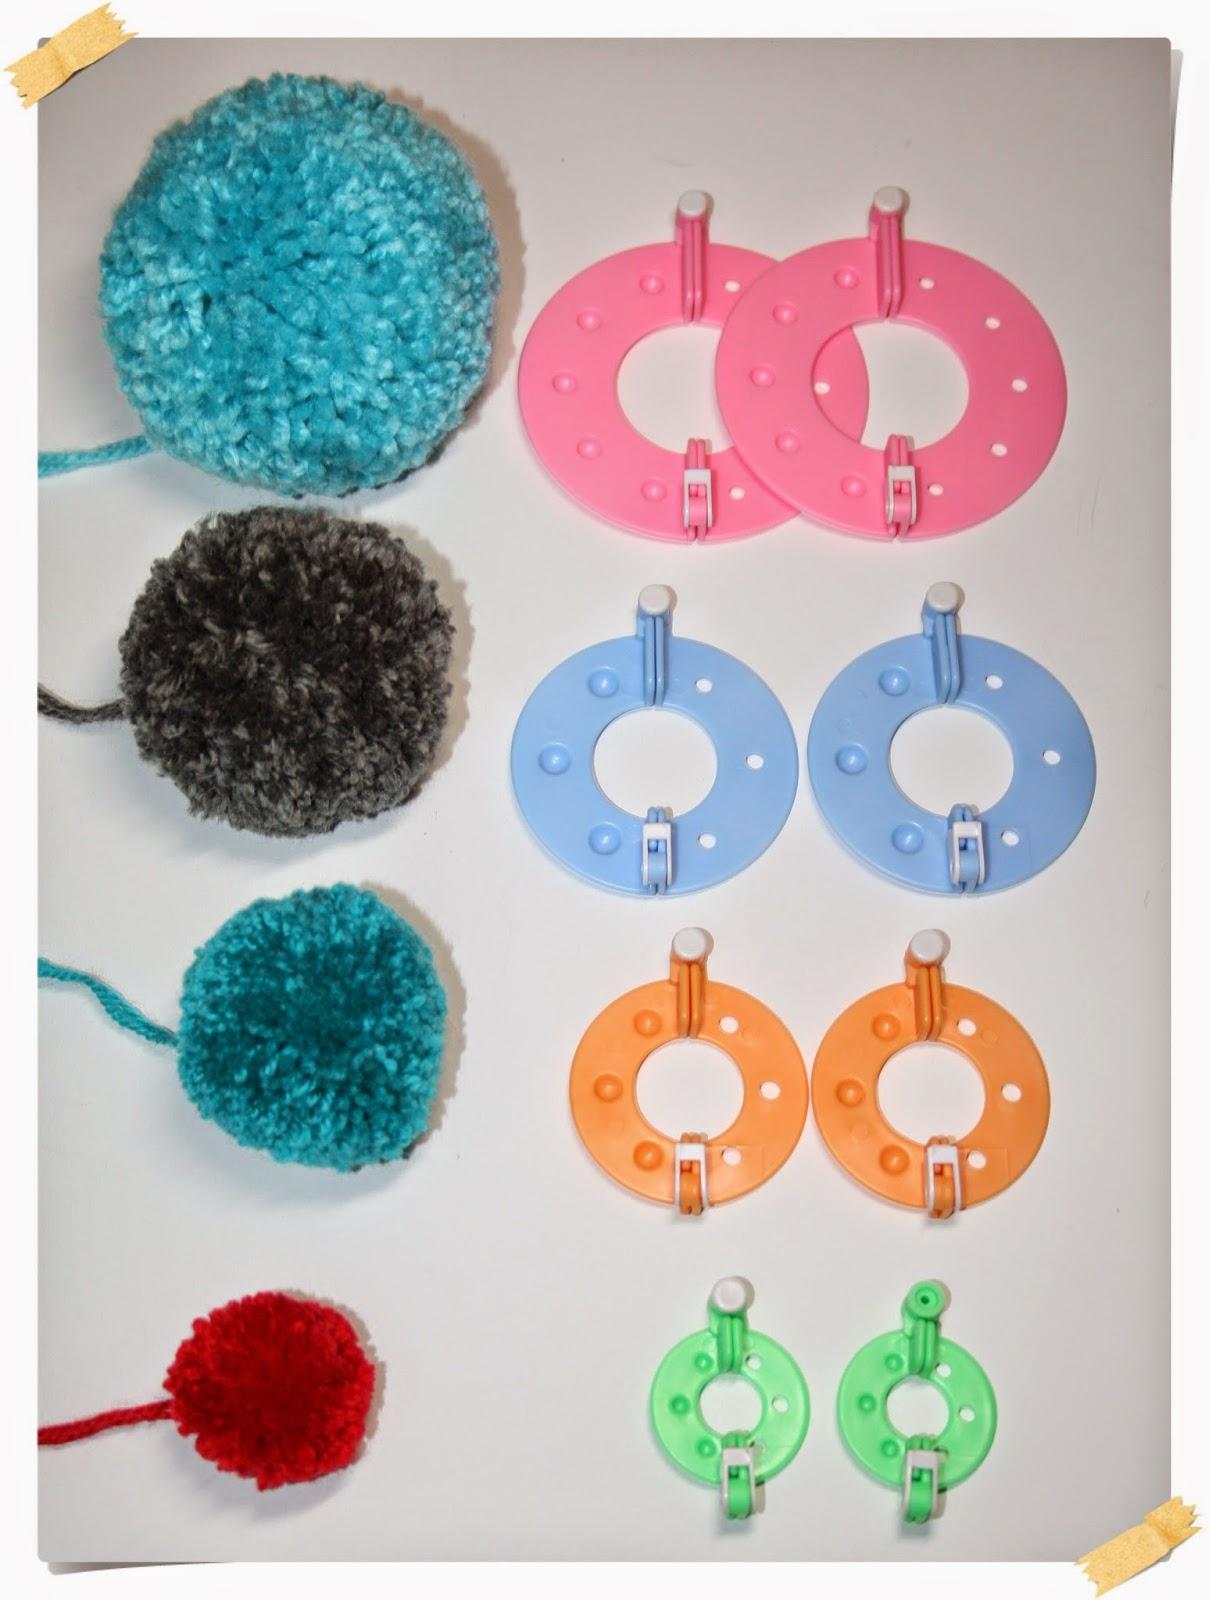 Hacer pompones de lana con un kit - Como hacer pompones con lana ...